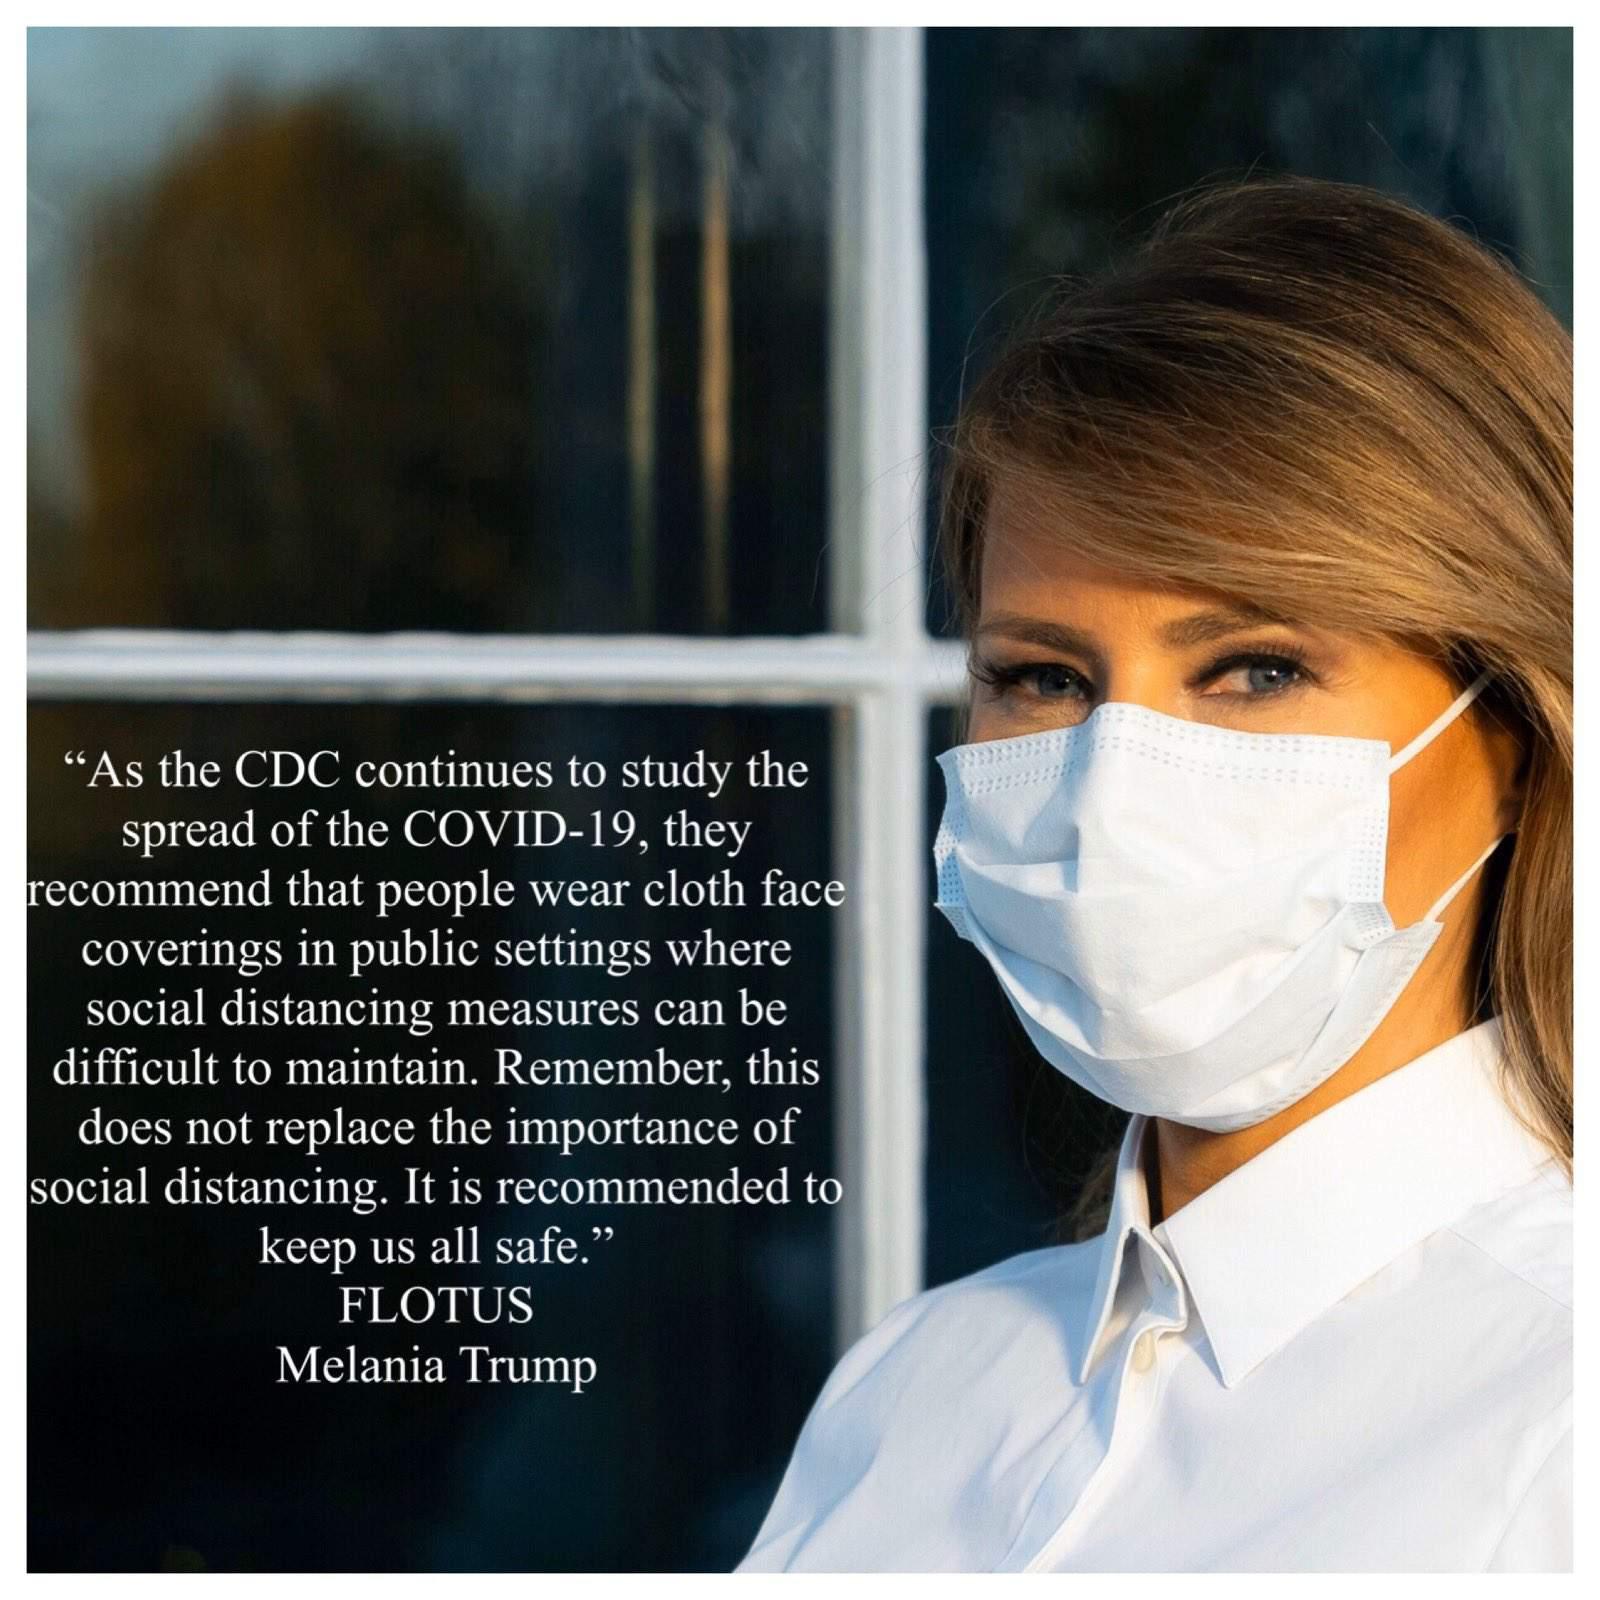 Las máscaras faciales alentadoras de Melania Trump resaltan la renuencia de su esposo a usar una 109